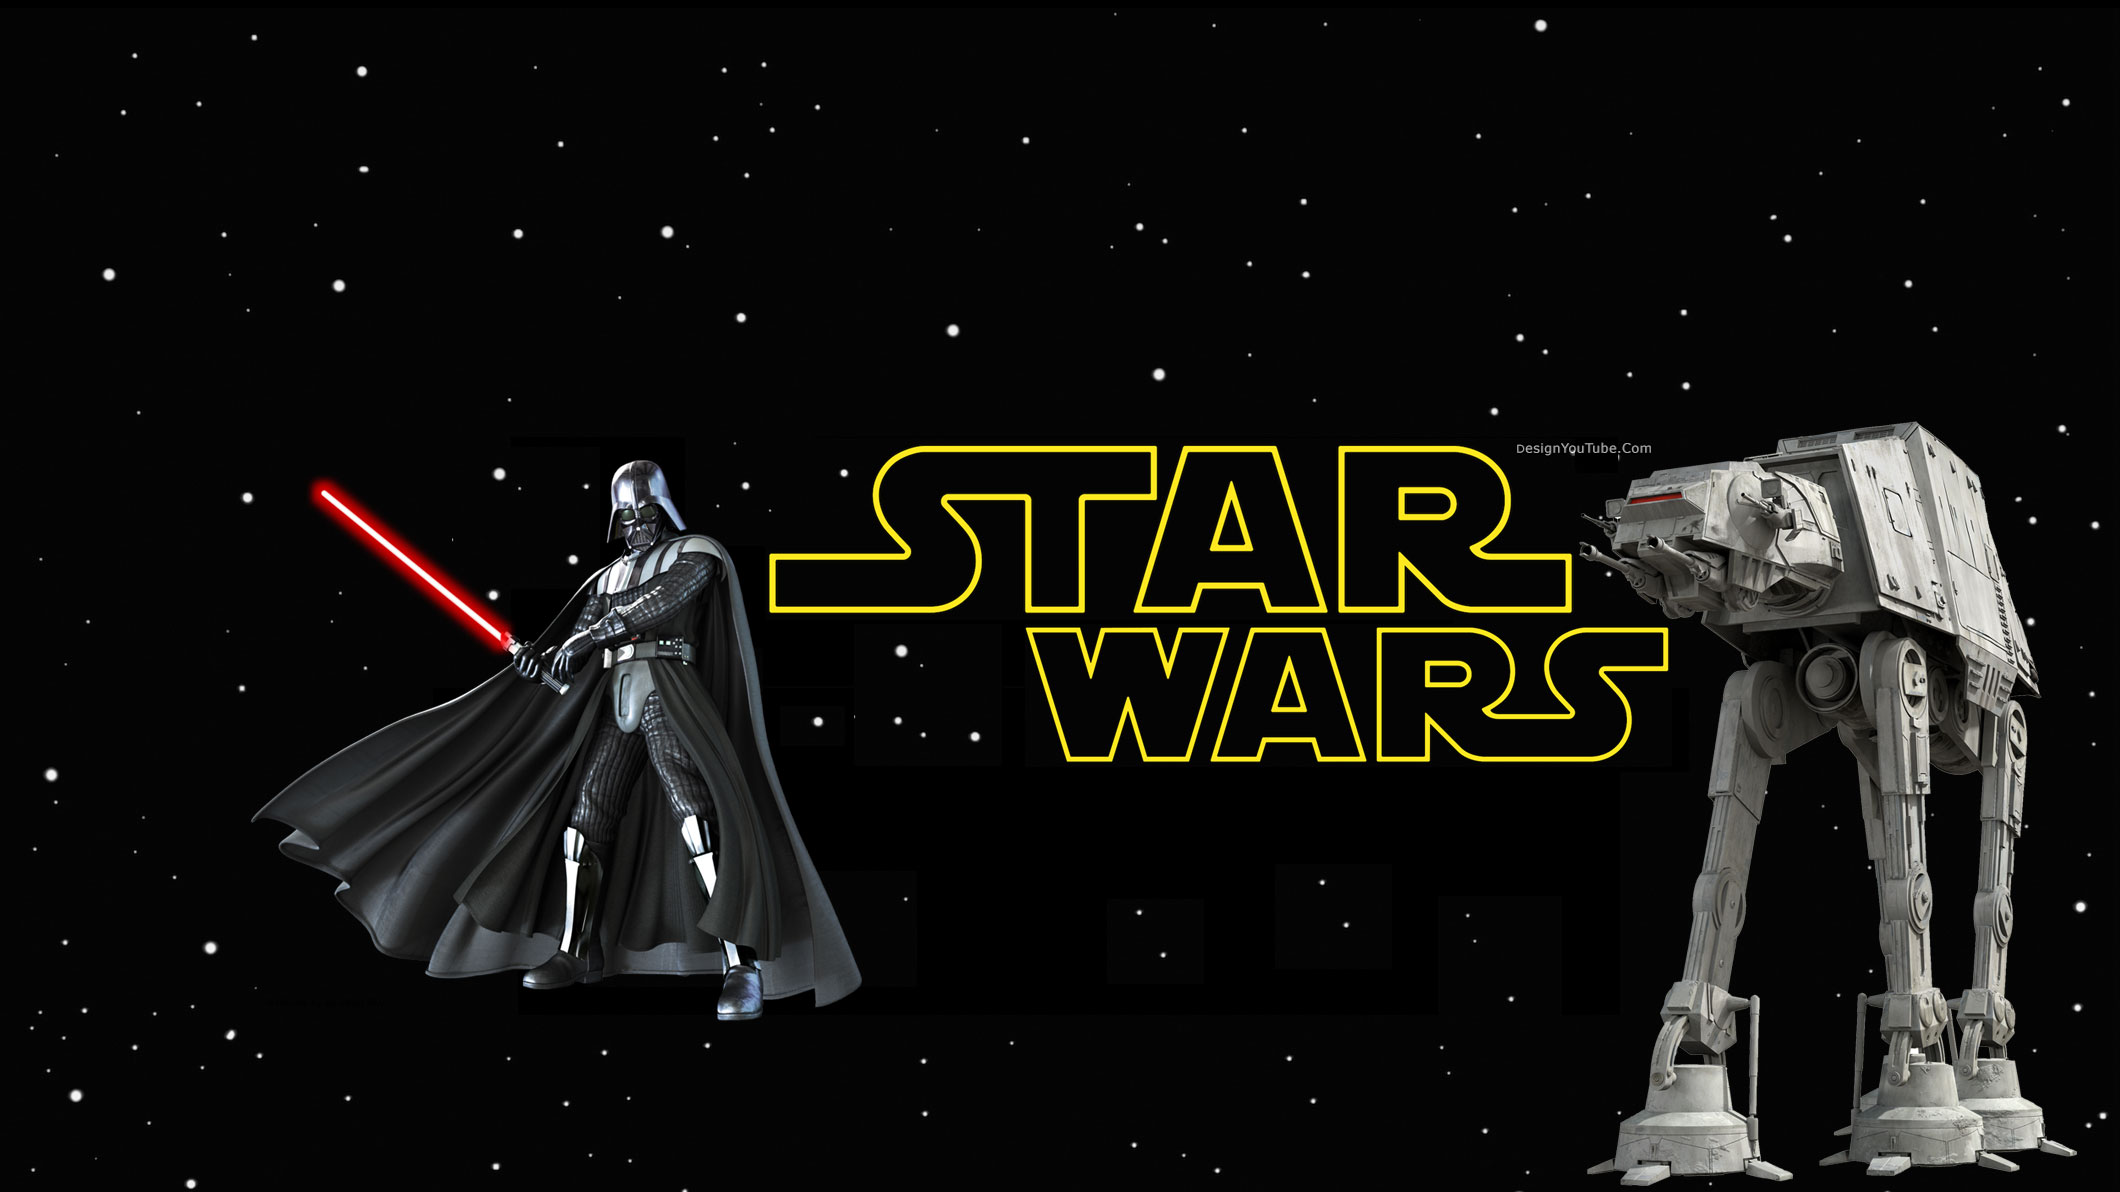 Star Wars Youtube Channel Art